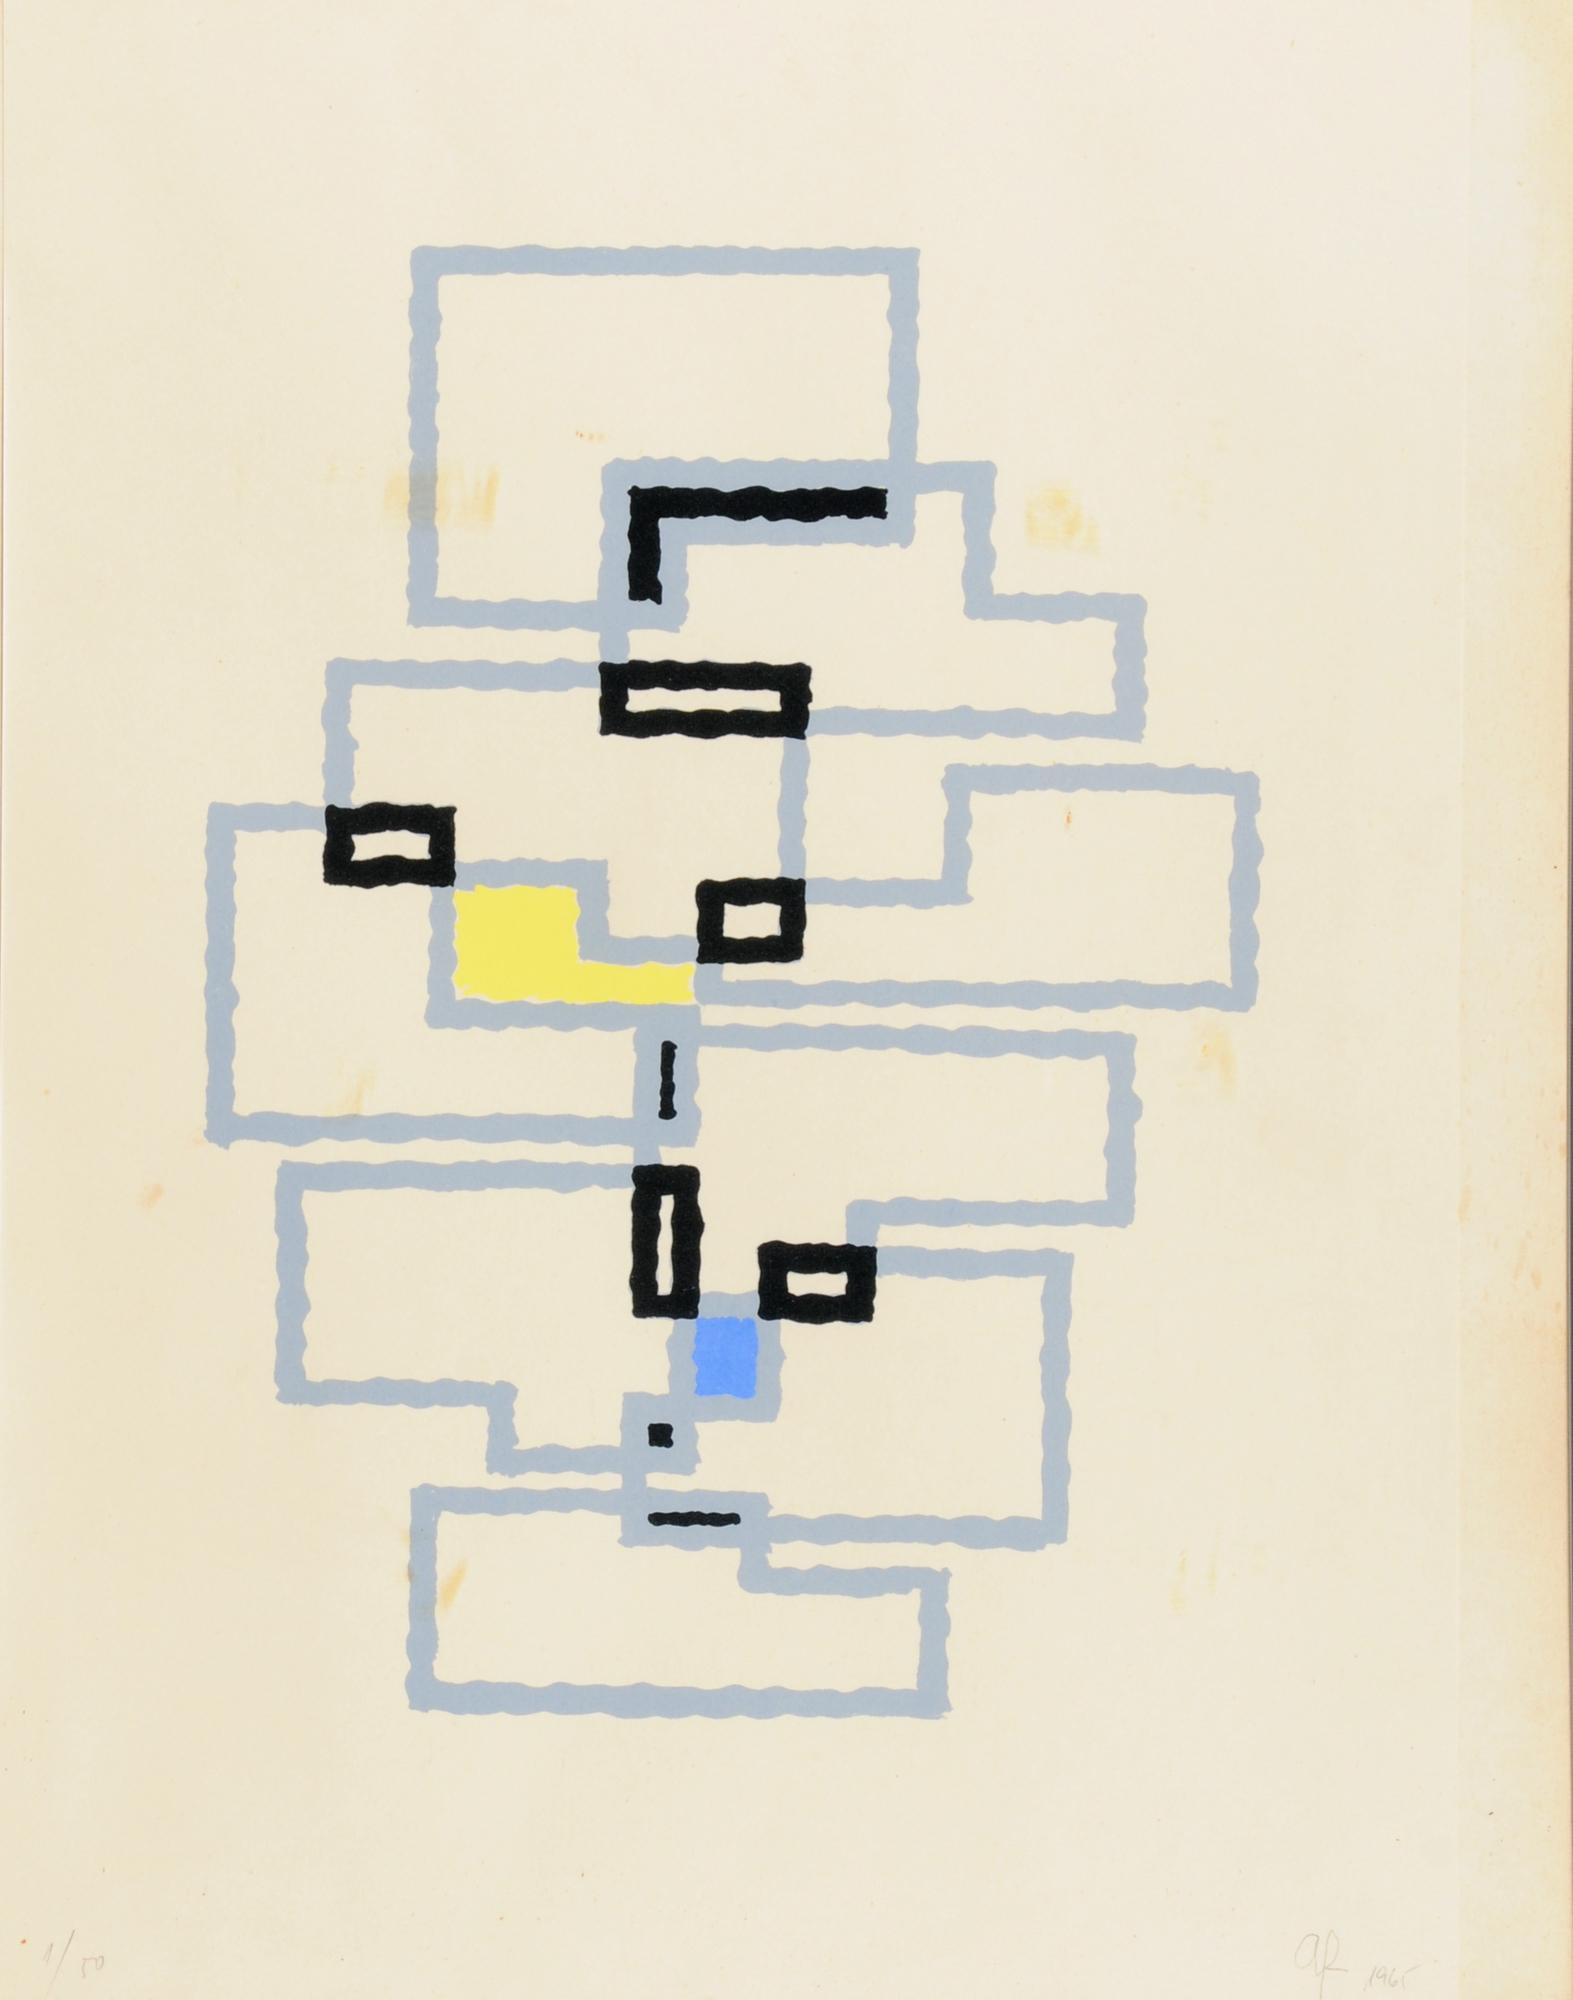 Fleischmann Adolph R., Komposition mit Rechtecken in Grau, Black, Gelb und Blau